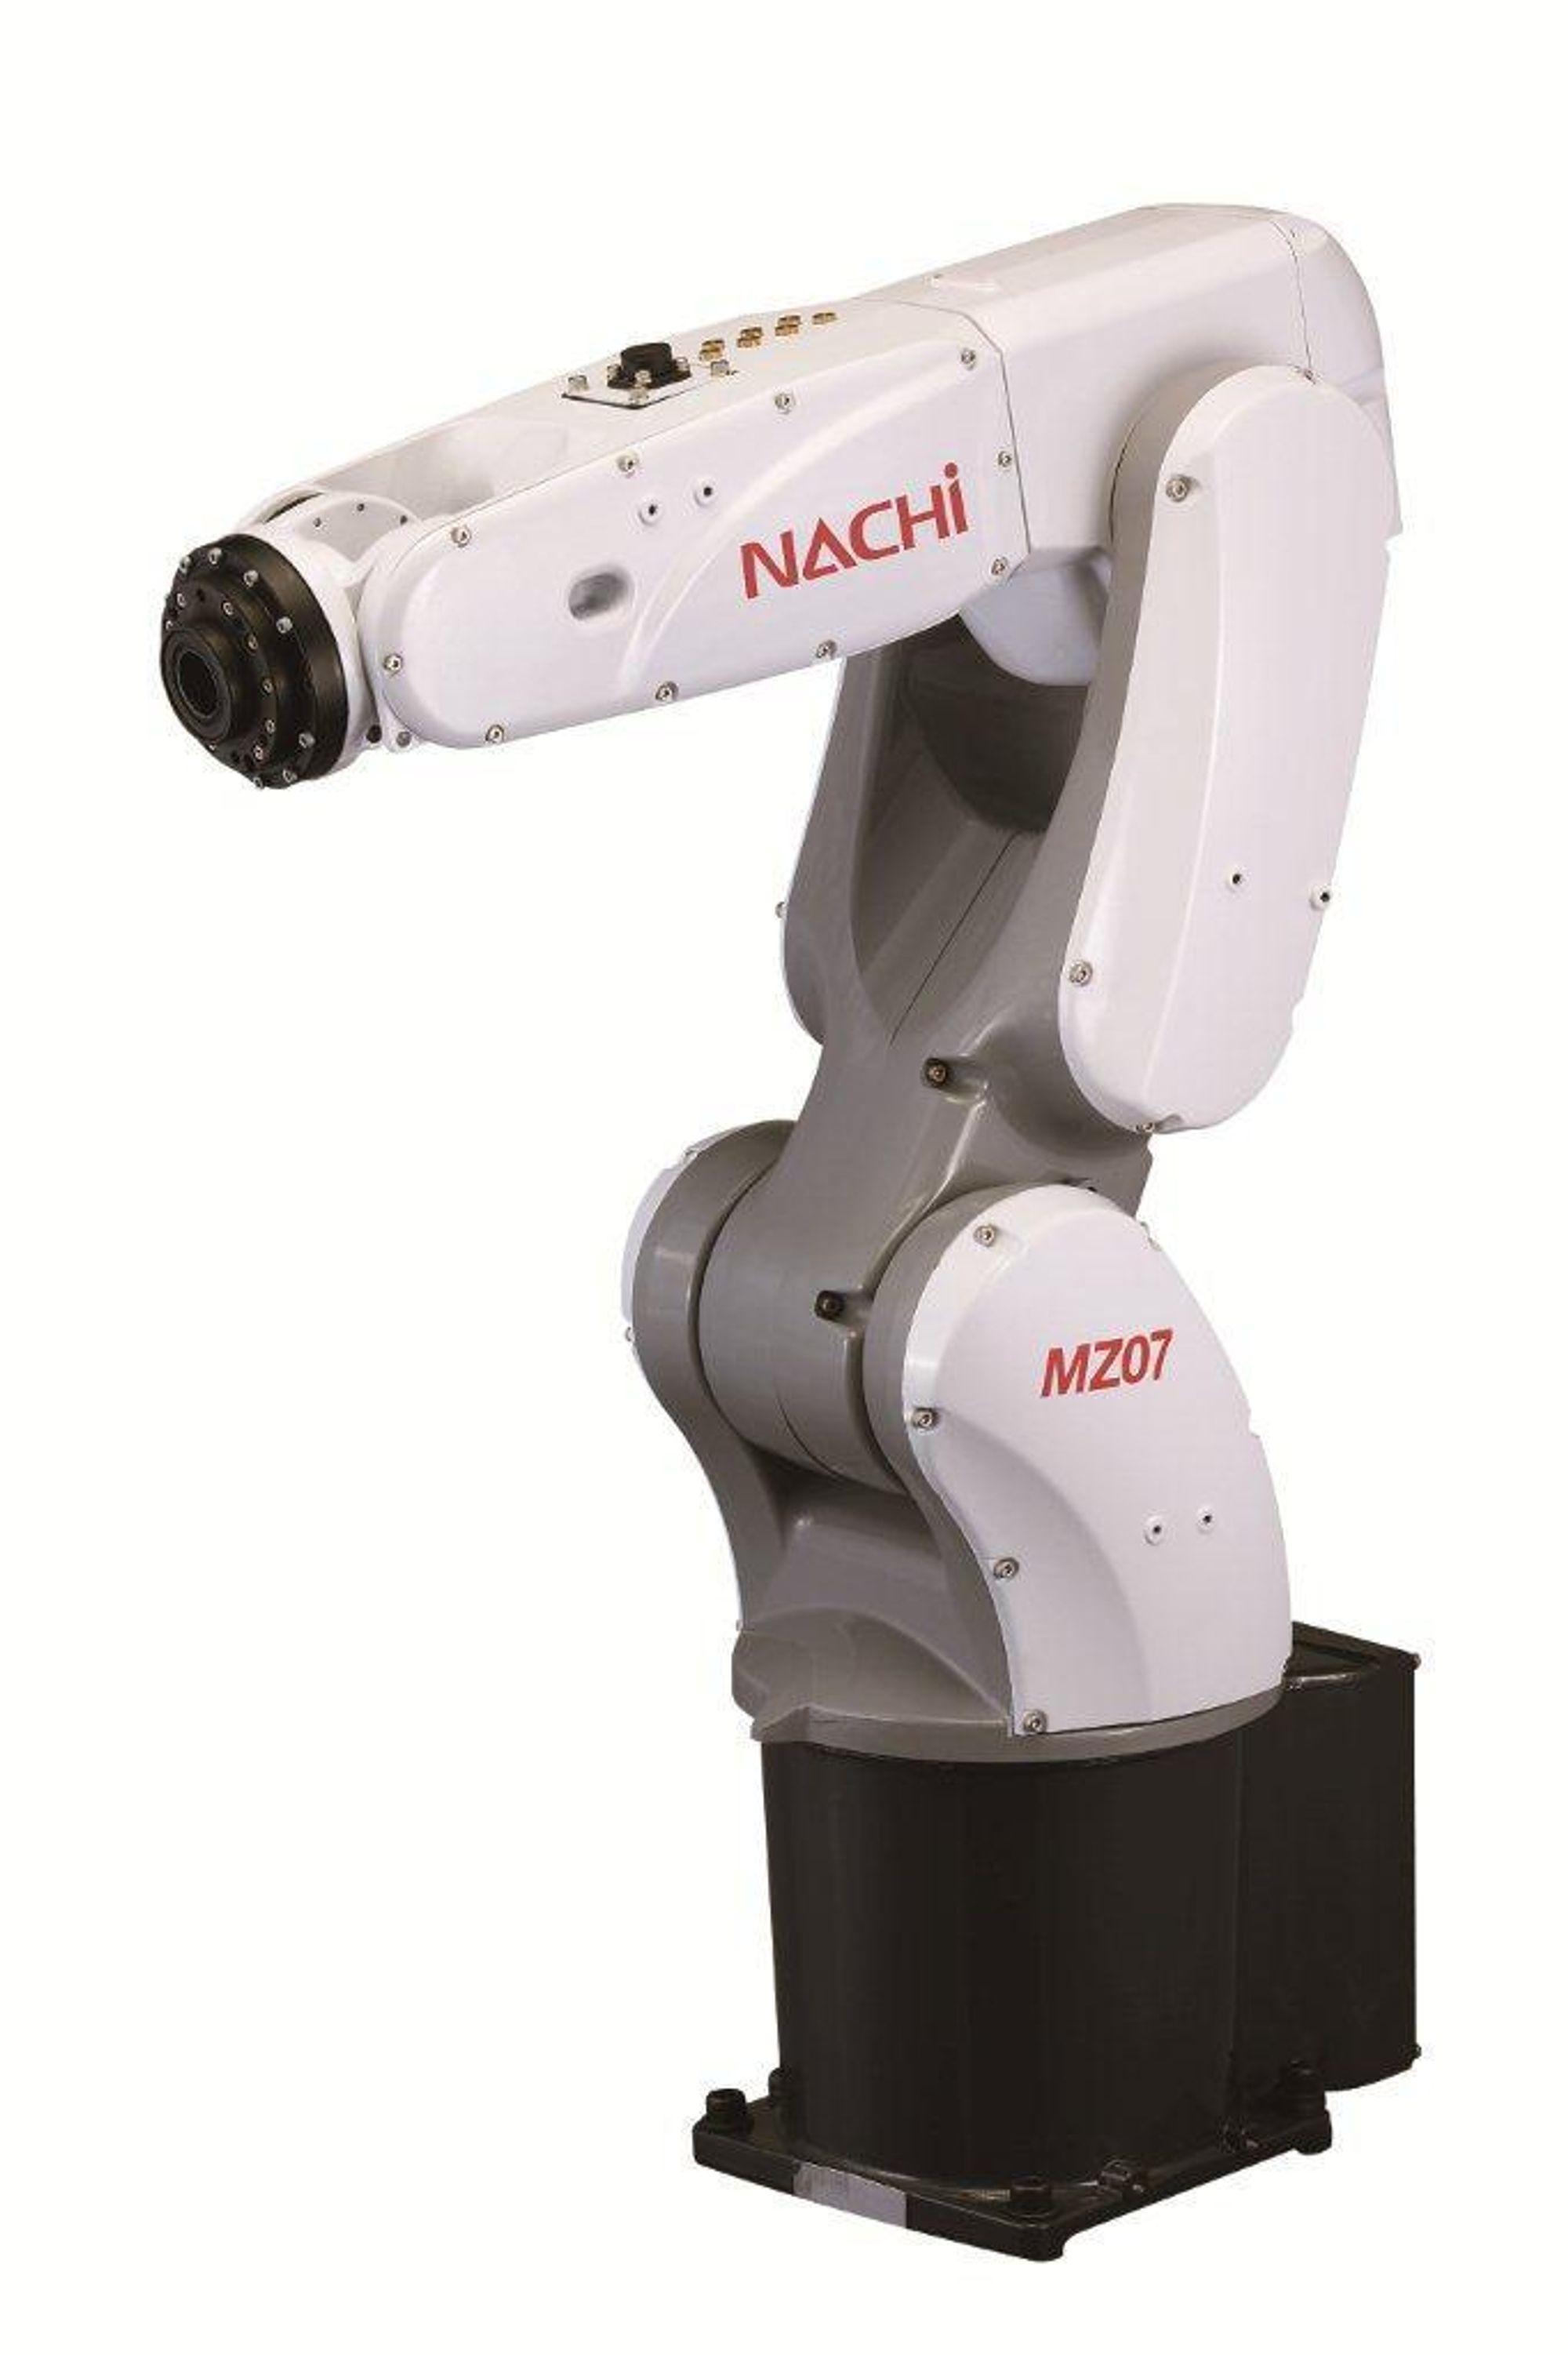 Portal robot som kan kjøre pick'n place sykluser på 0,31 sekunder.